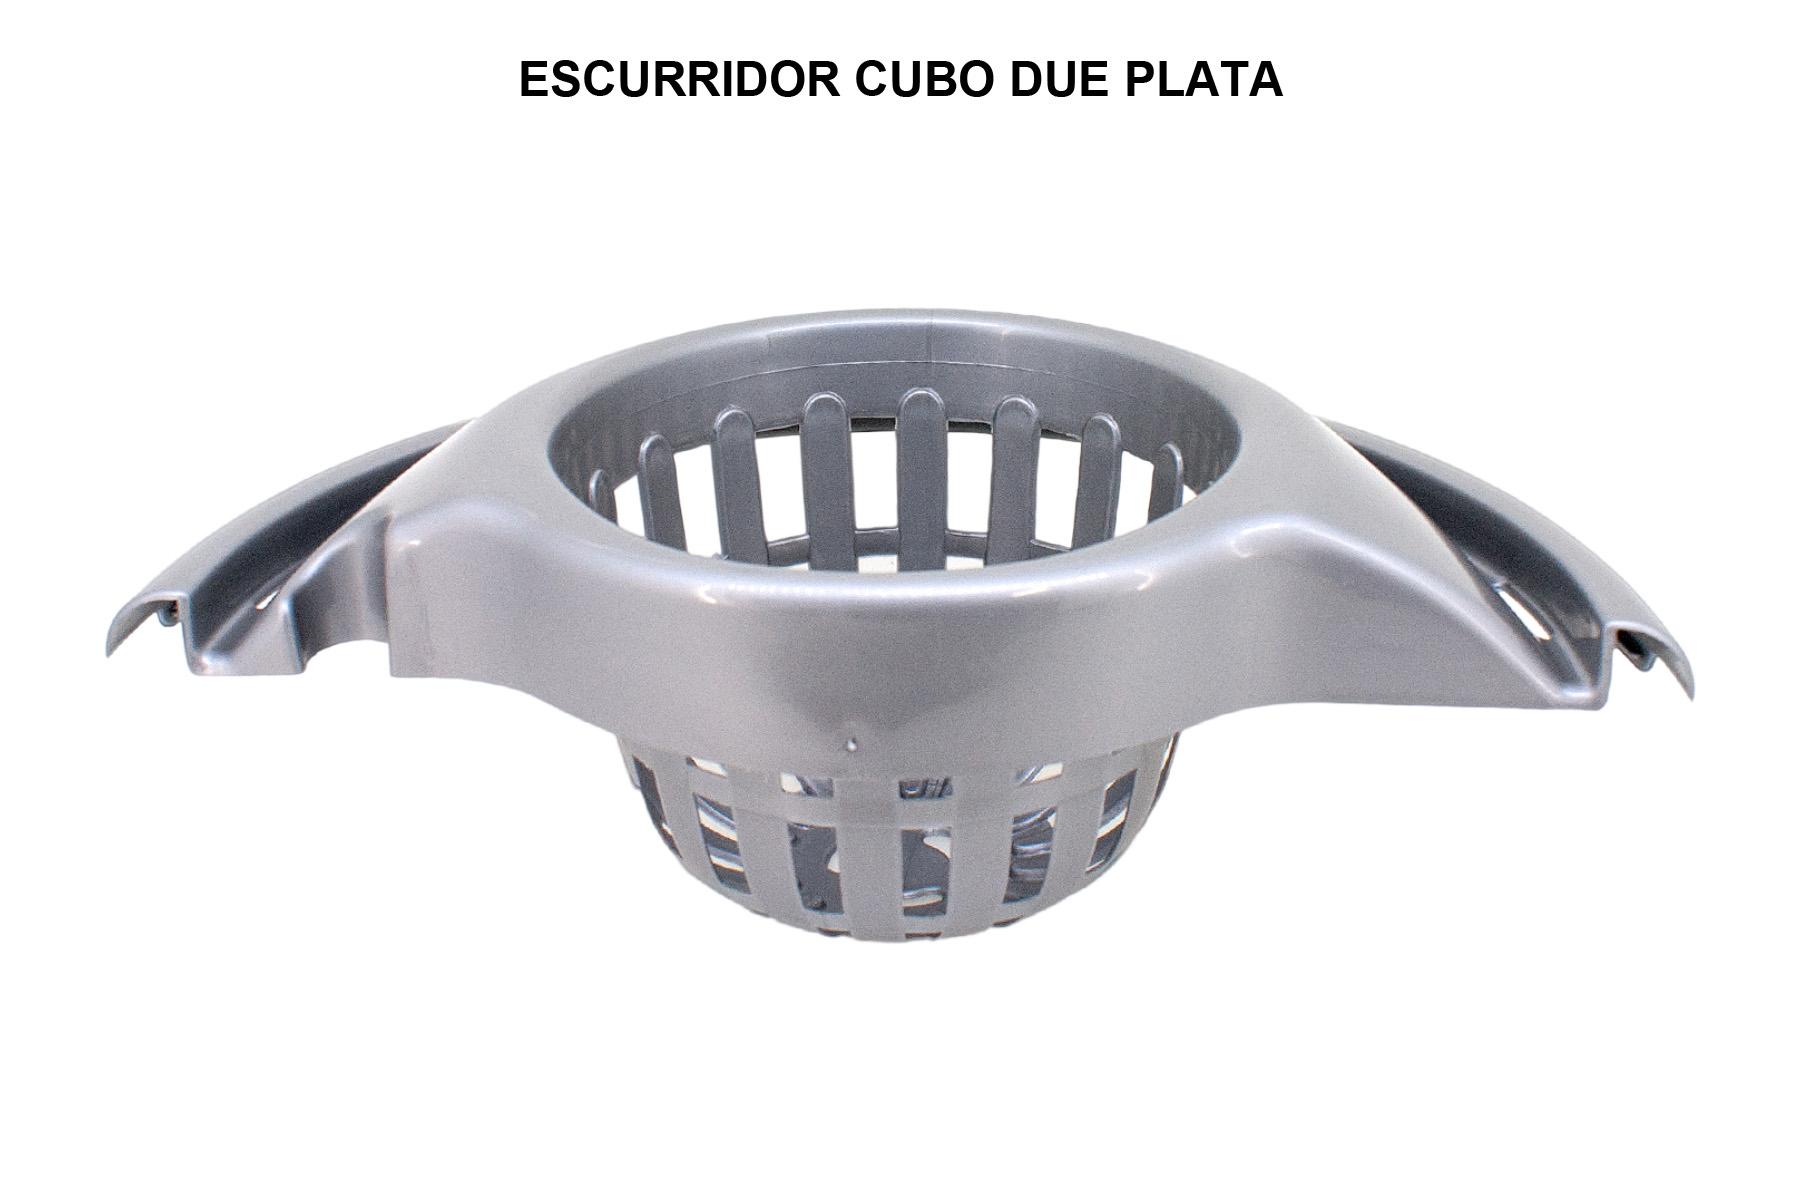 ESCURRIDOR CUBO DUE PLATA